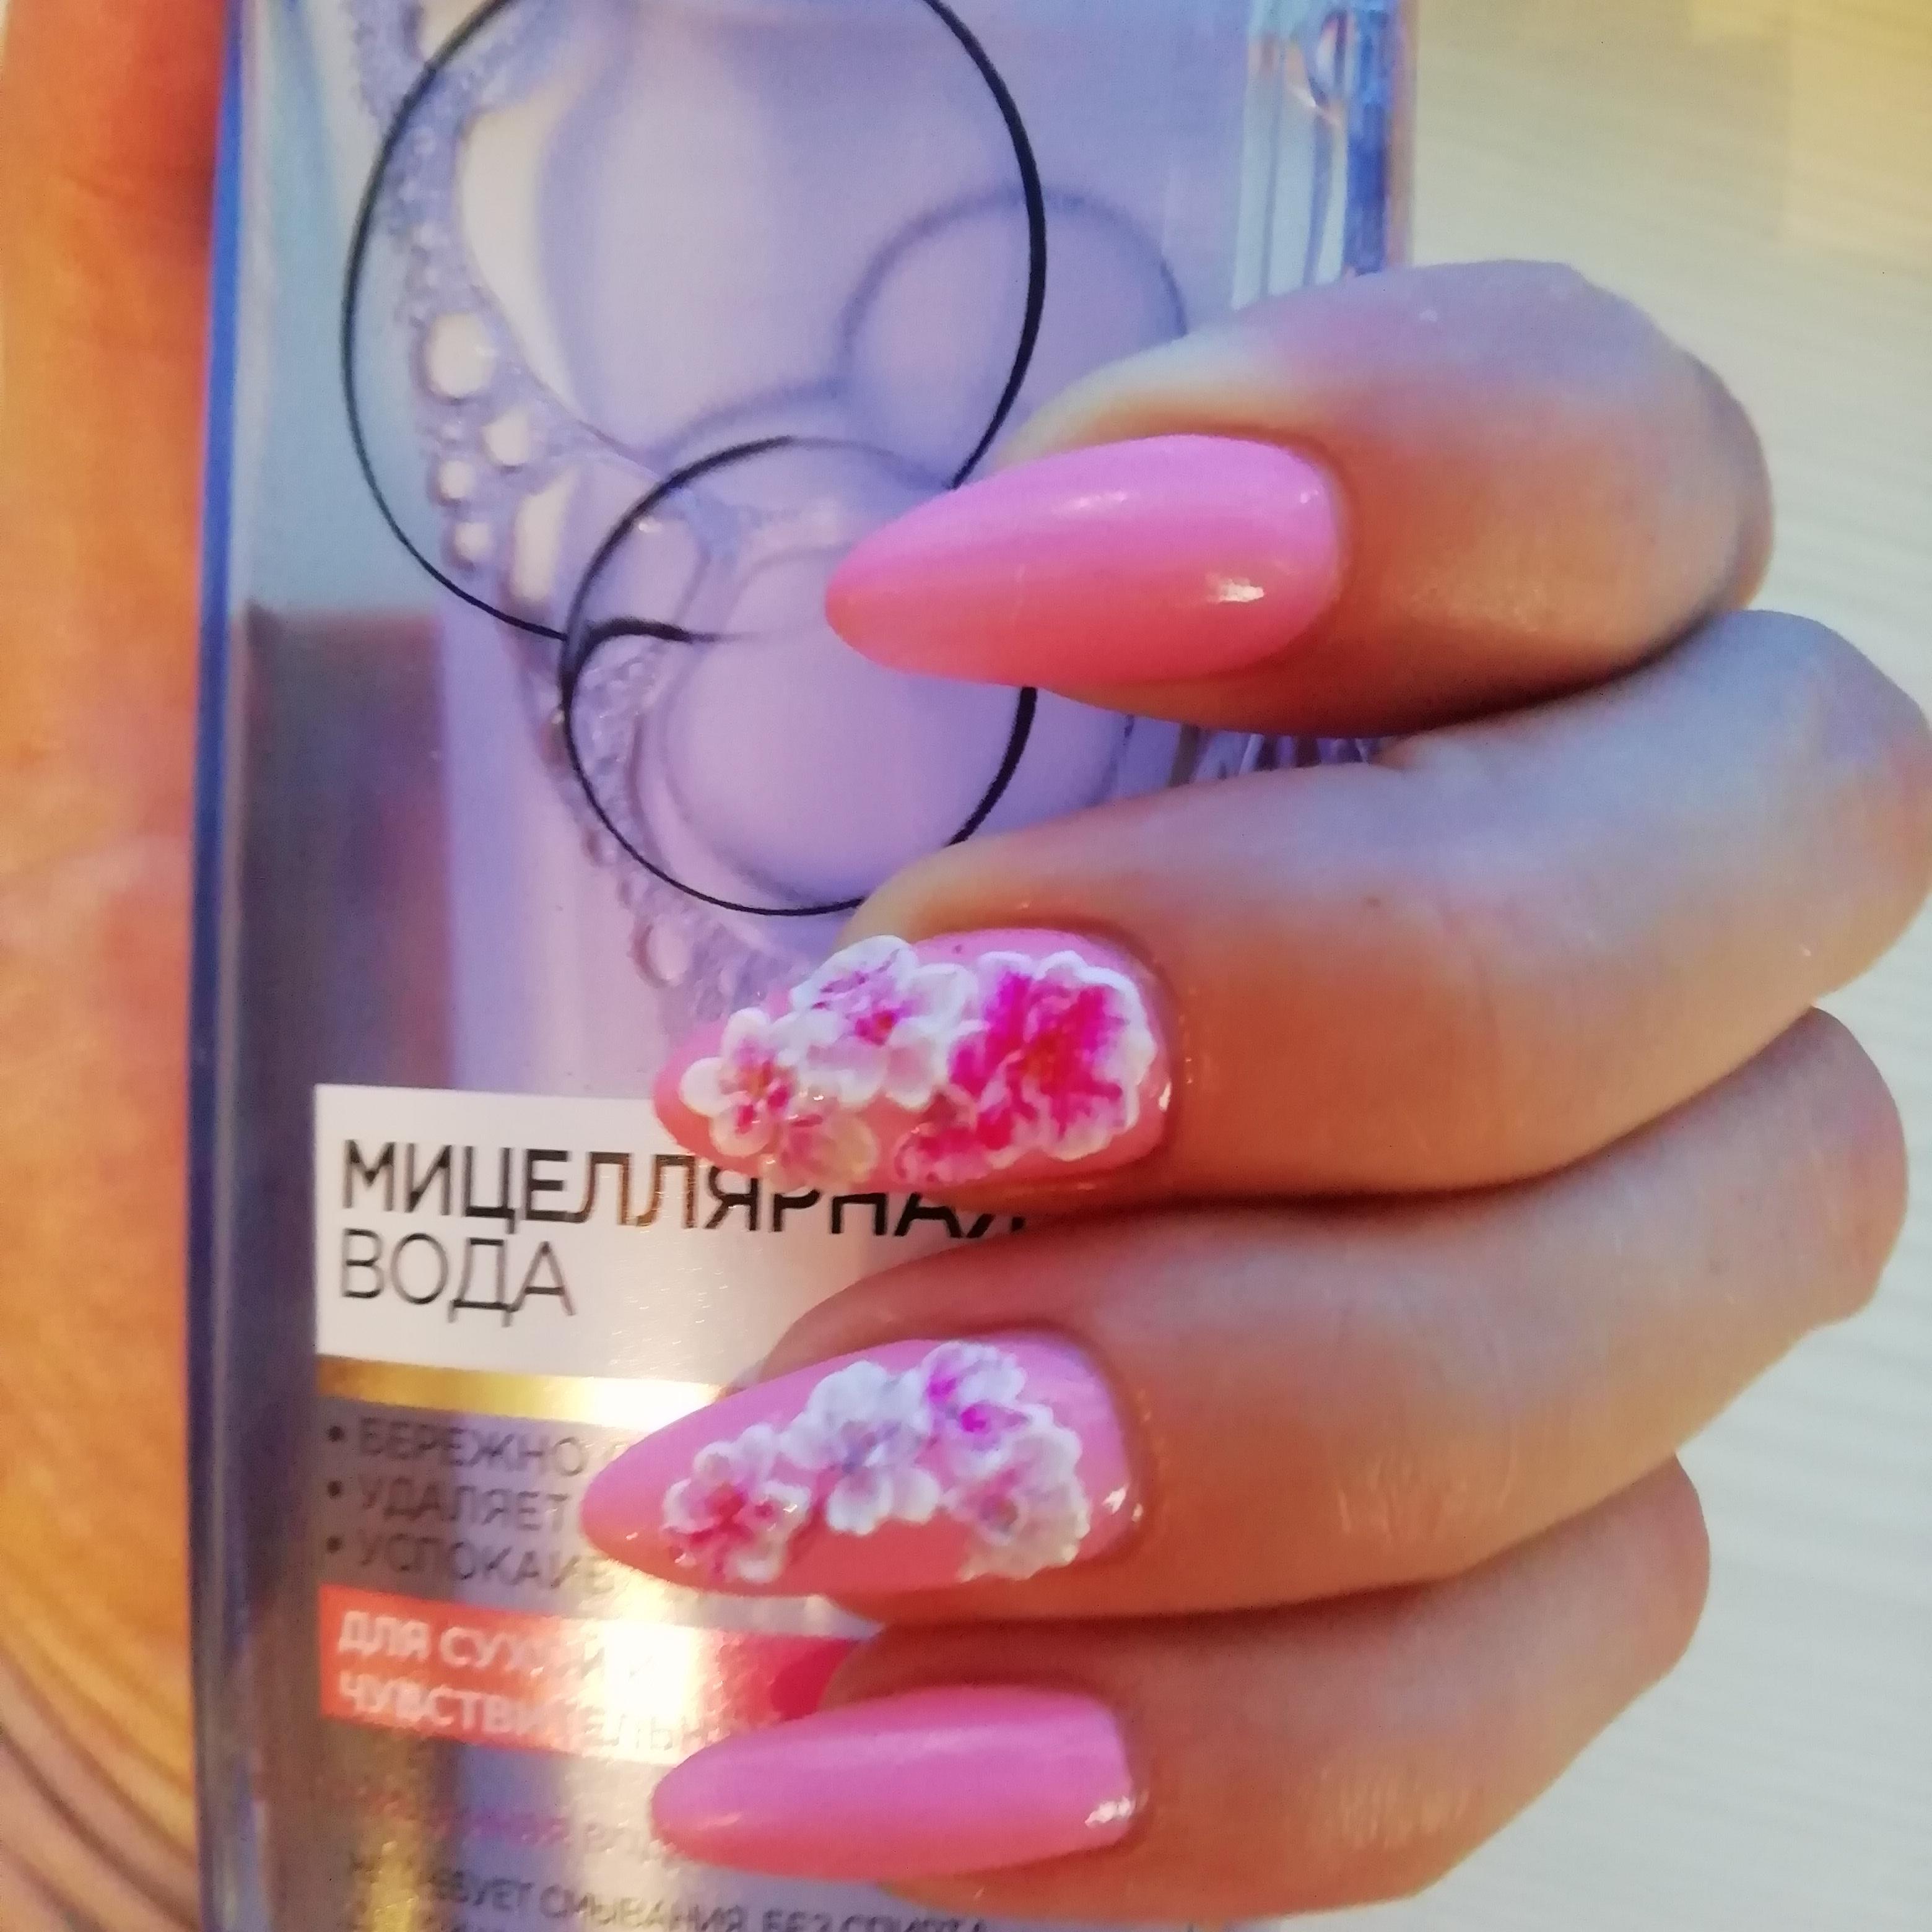 Маникюр с цветочной лепкой в розовом цвете на длинные ногти.